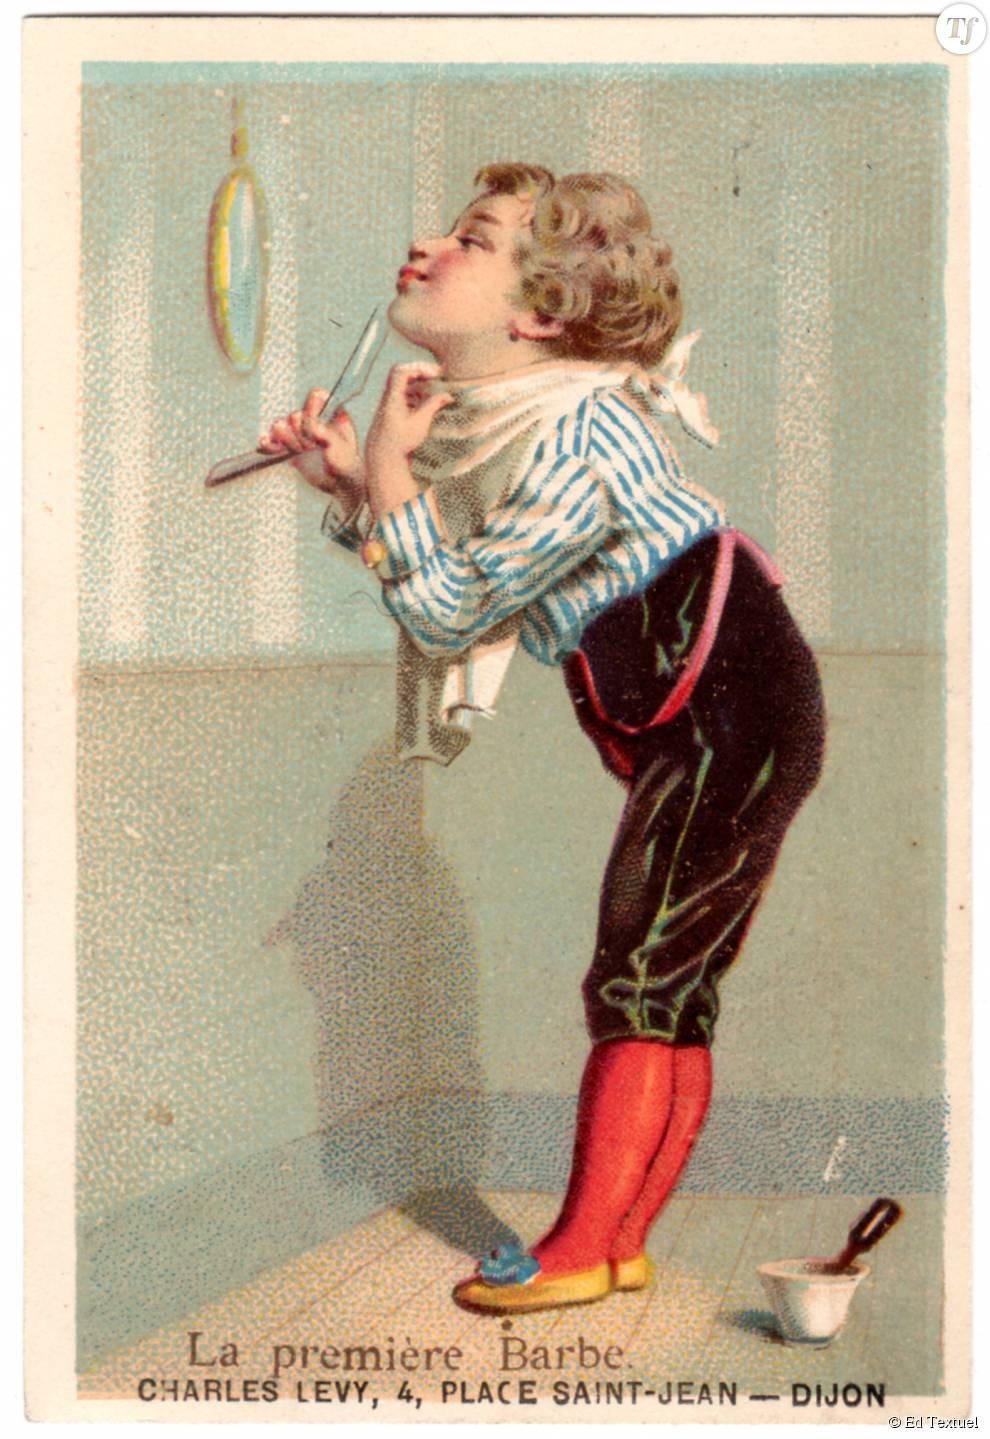 Publicité datant du XIXe siècle